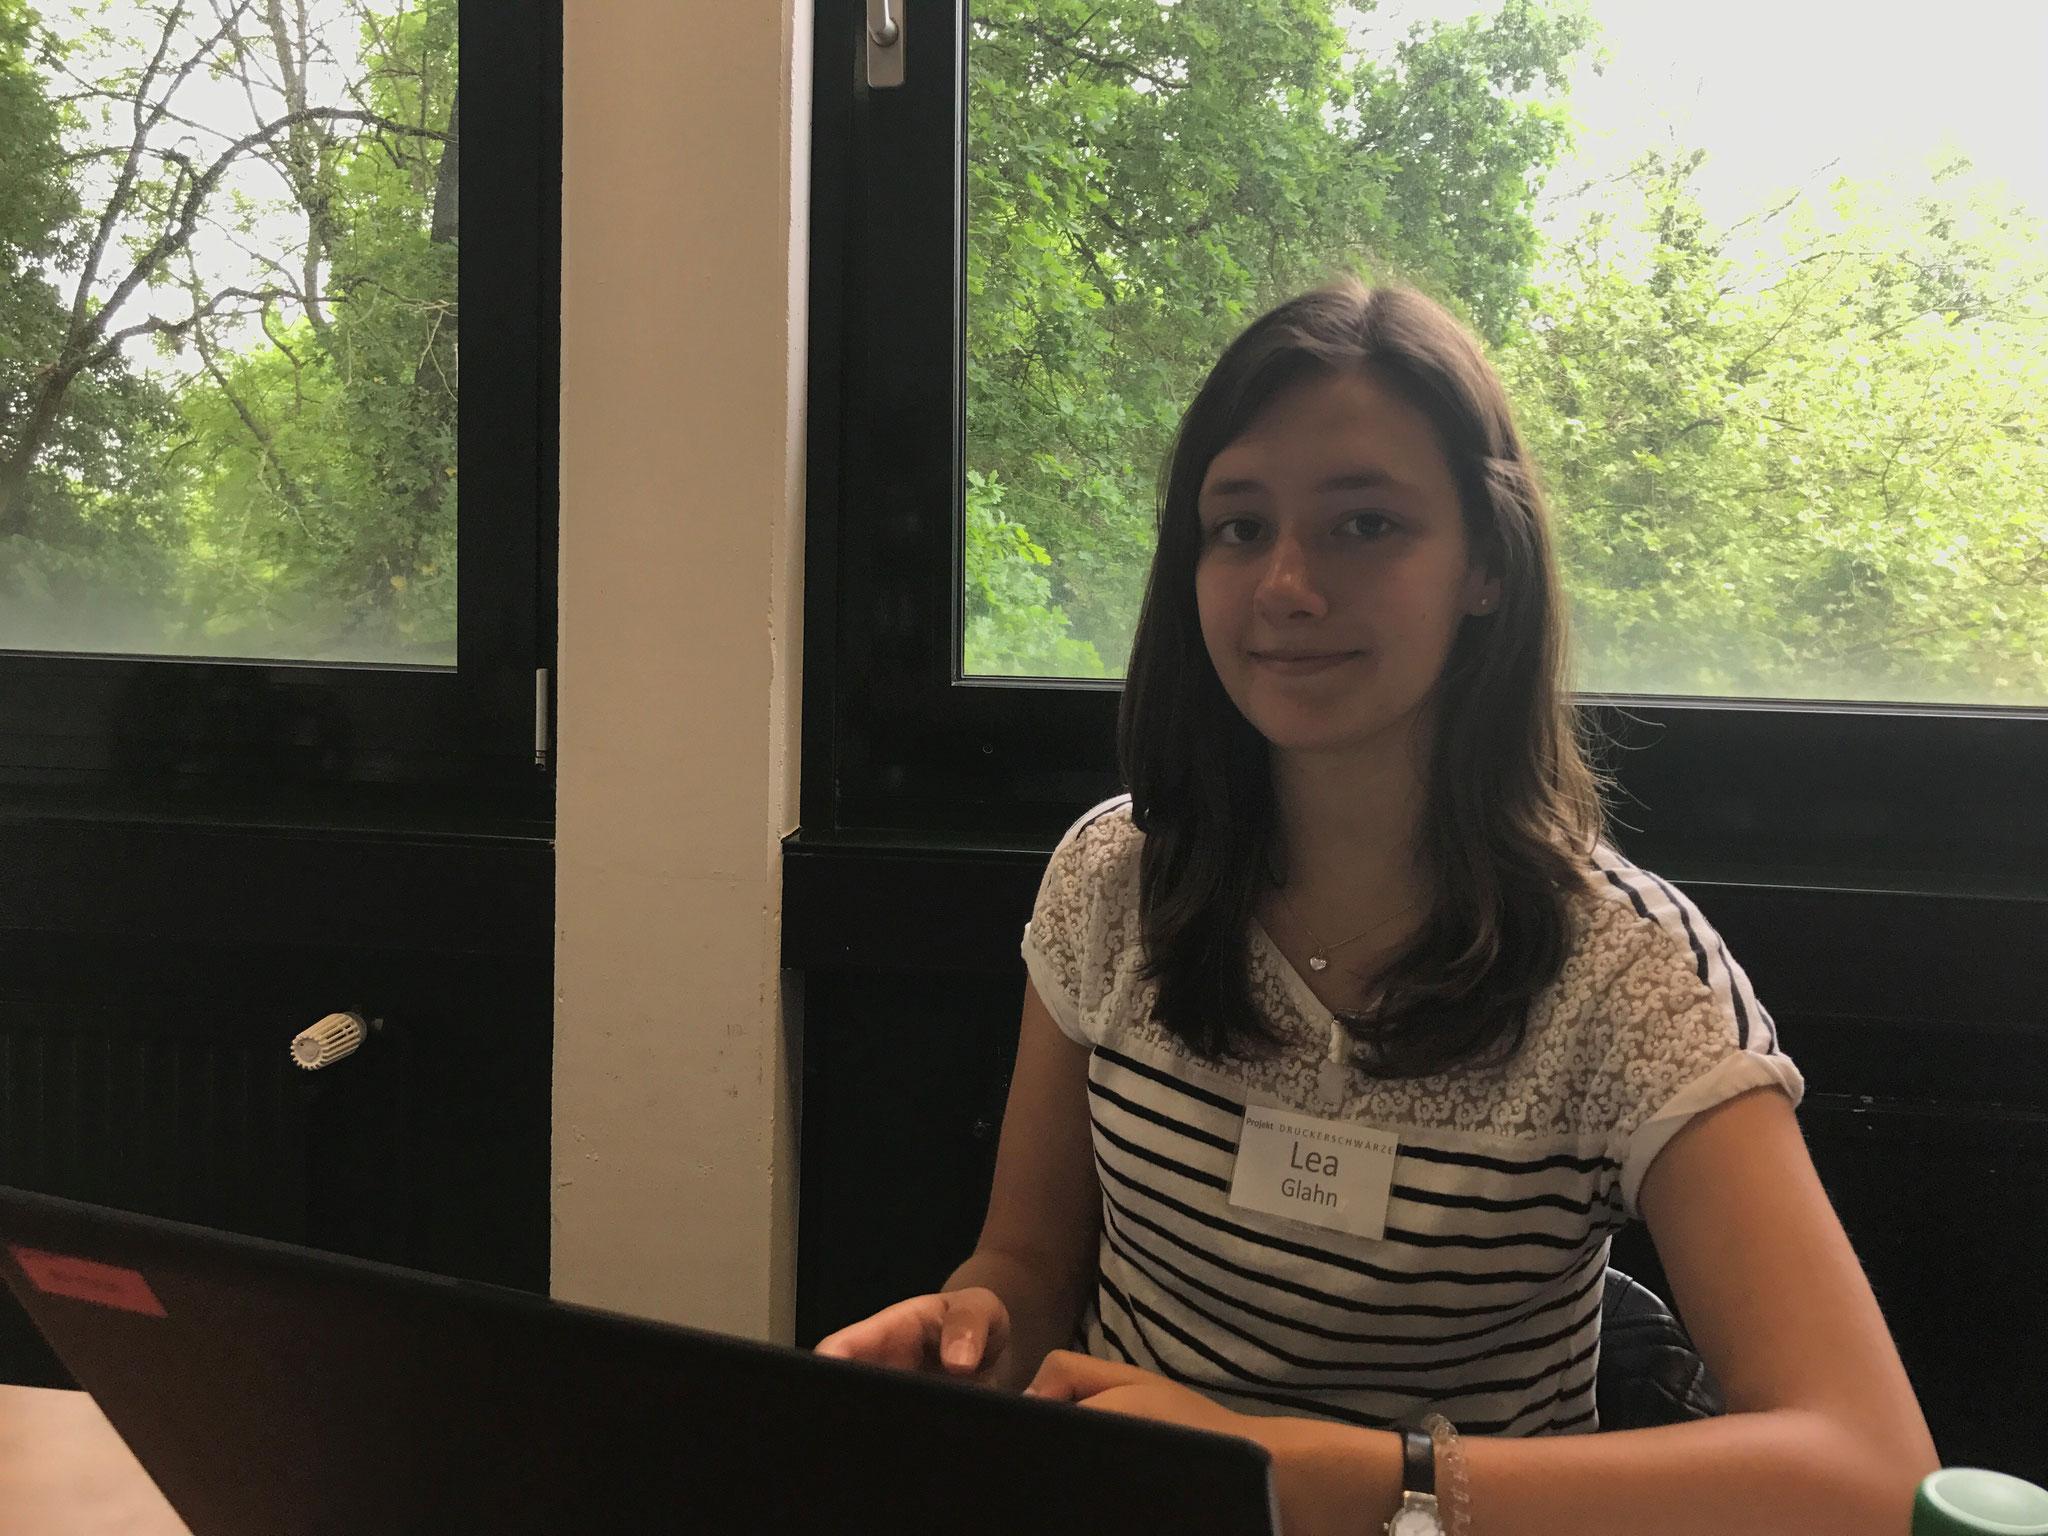 """Lea Glahn (17 Jahre): """"Nicht jede gute Unterstützung ist an Geld gebunden"""""""